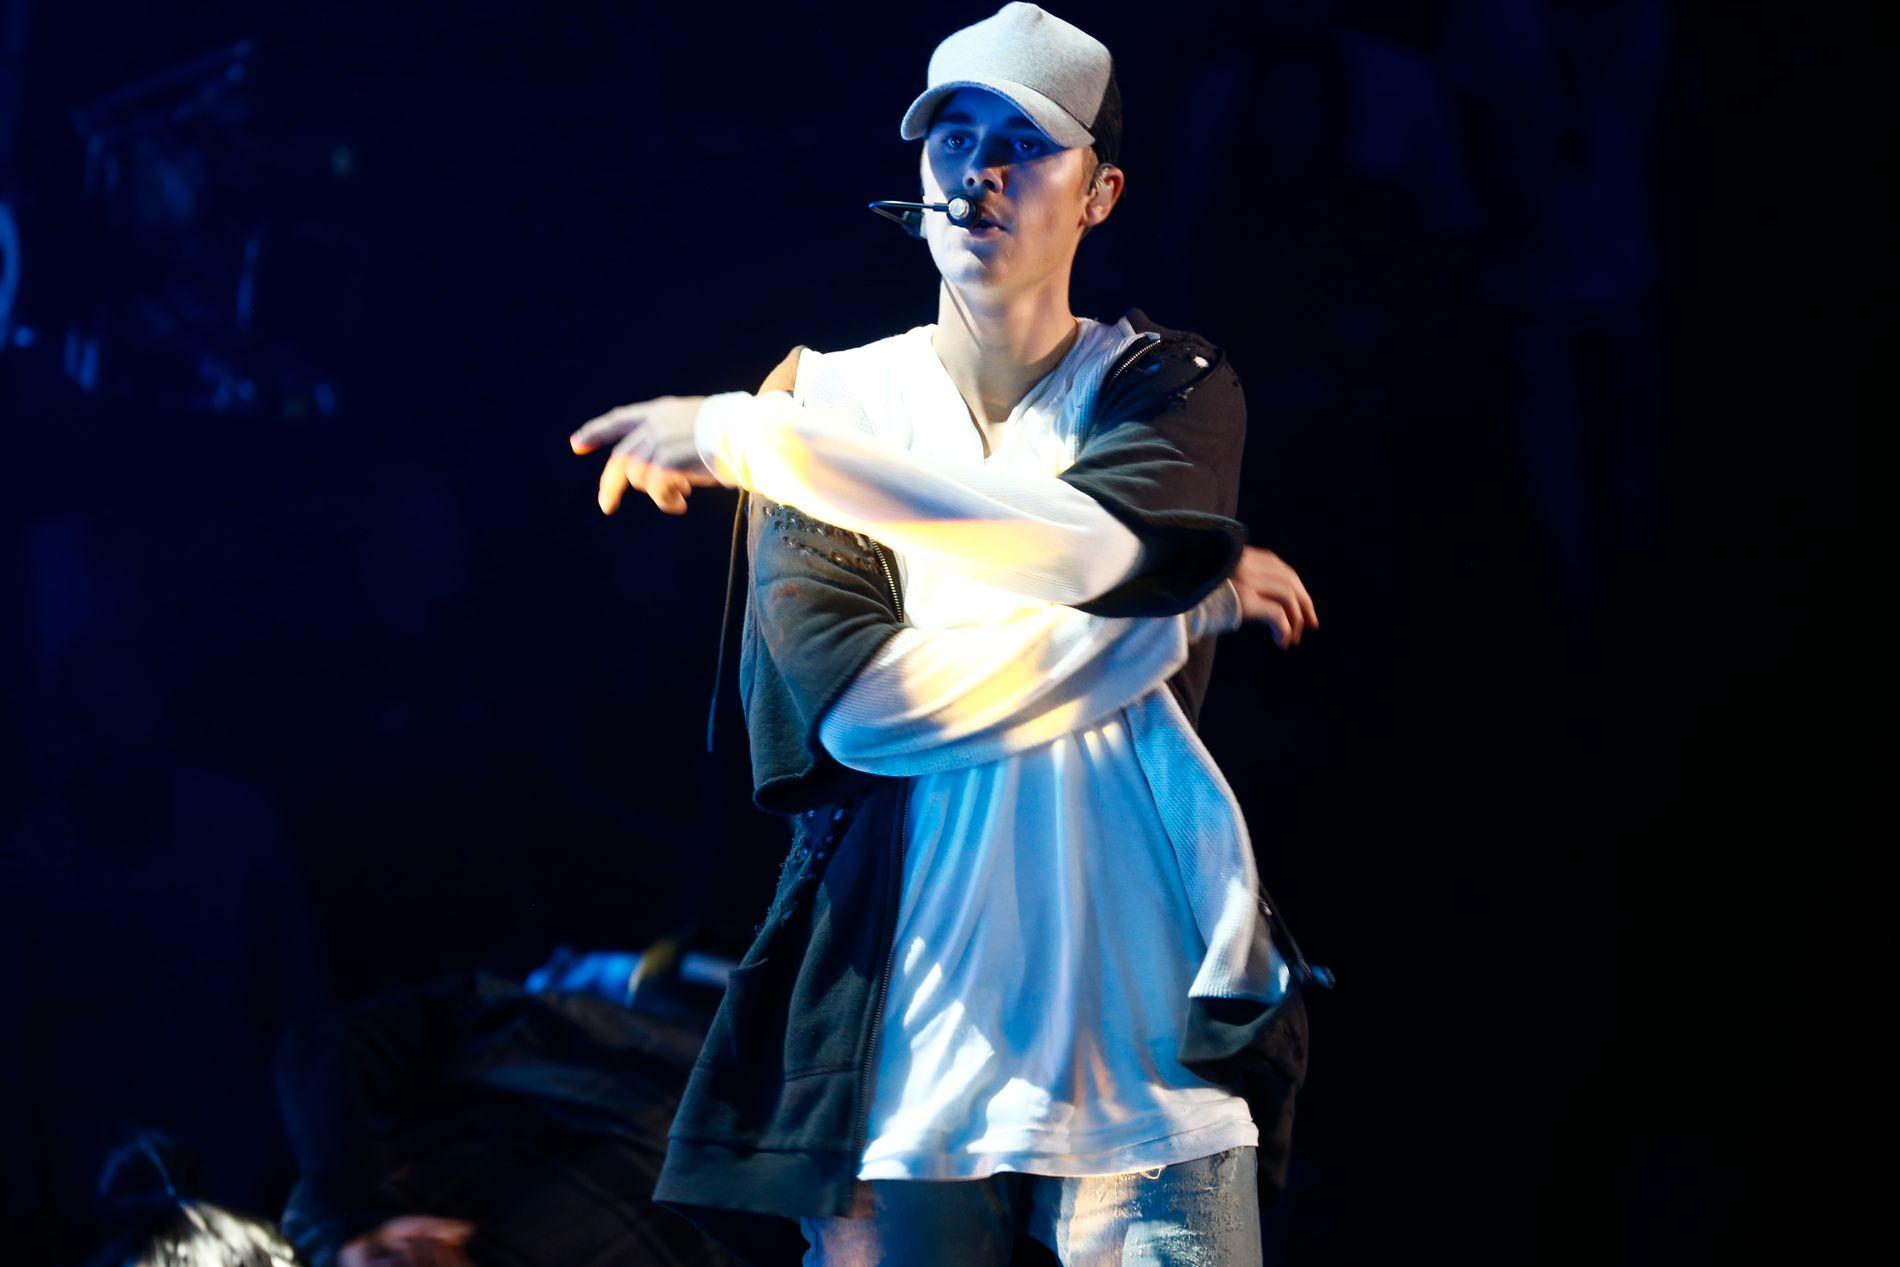 FORLOT SCENEN: Justin Bieber gikk av scenen under konserten på Chateau Neuf i 2015. FOTO: MATTIS SANDBLAD/VG